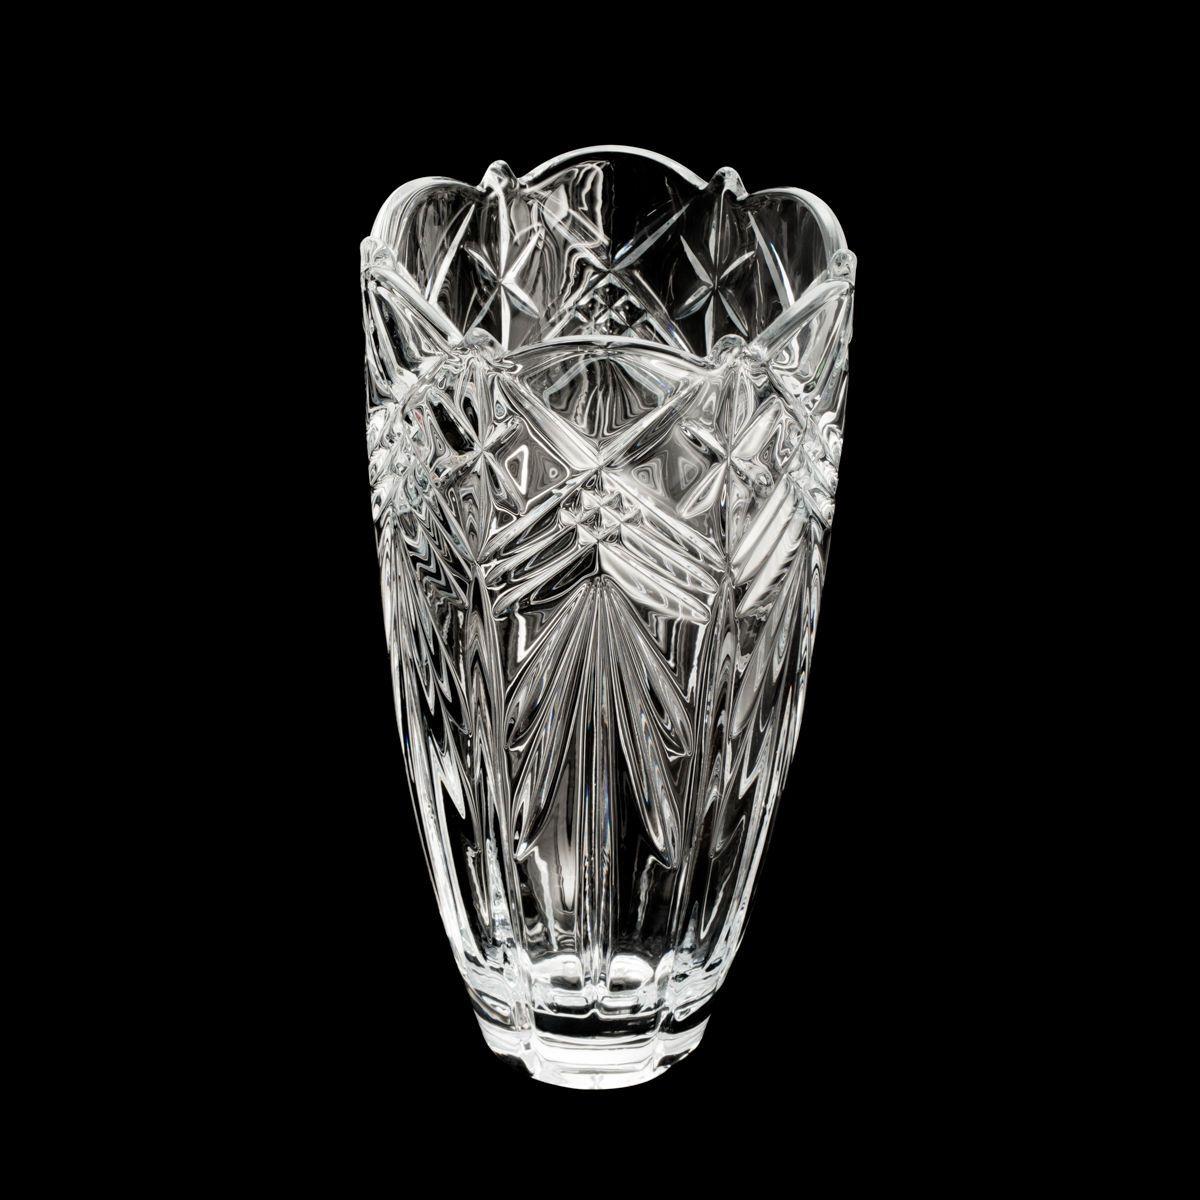 Vaso de Cristal - Bohemia Taurus Grande 30cm